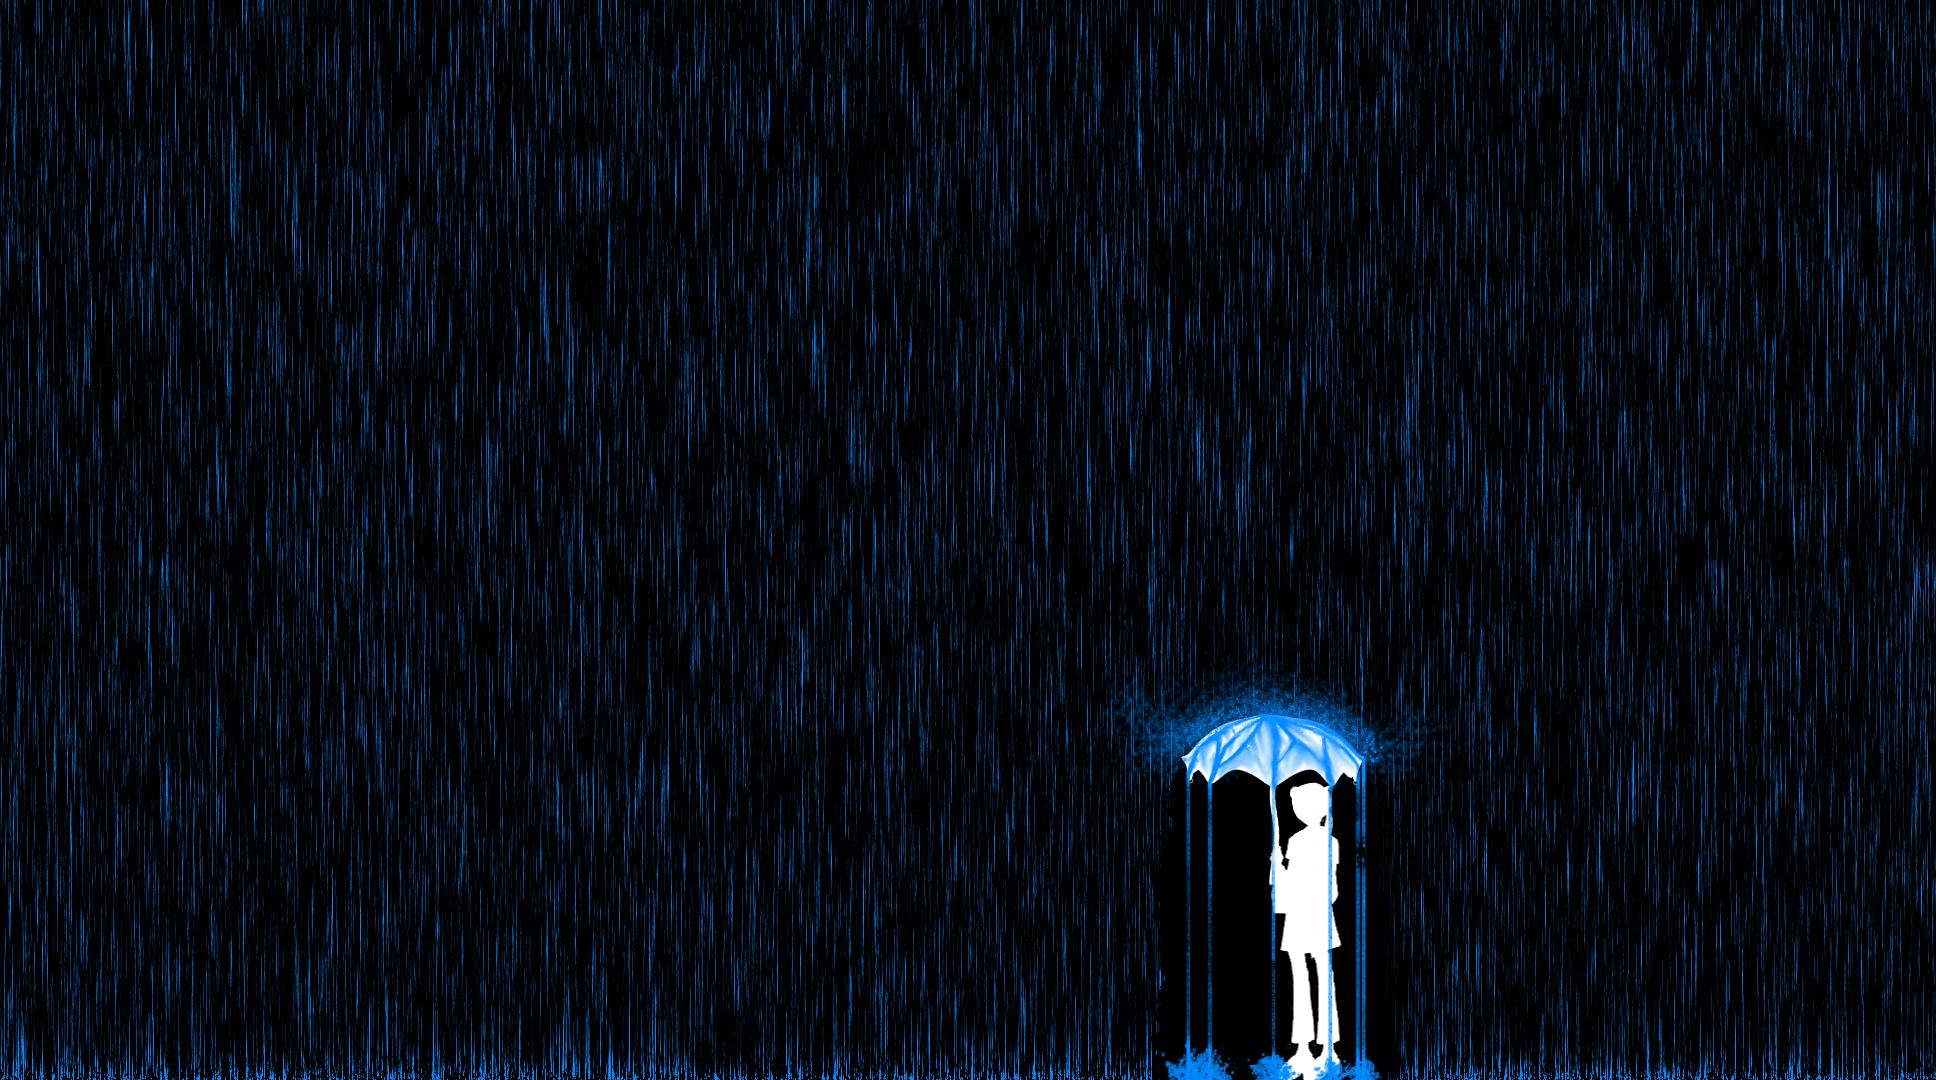 X theme background image - Rainy Day Theme Background Images 1936 X 1080 999 Kb